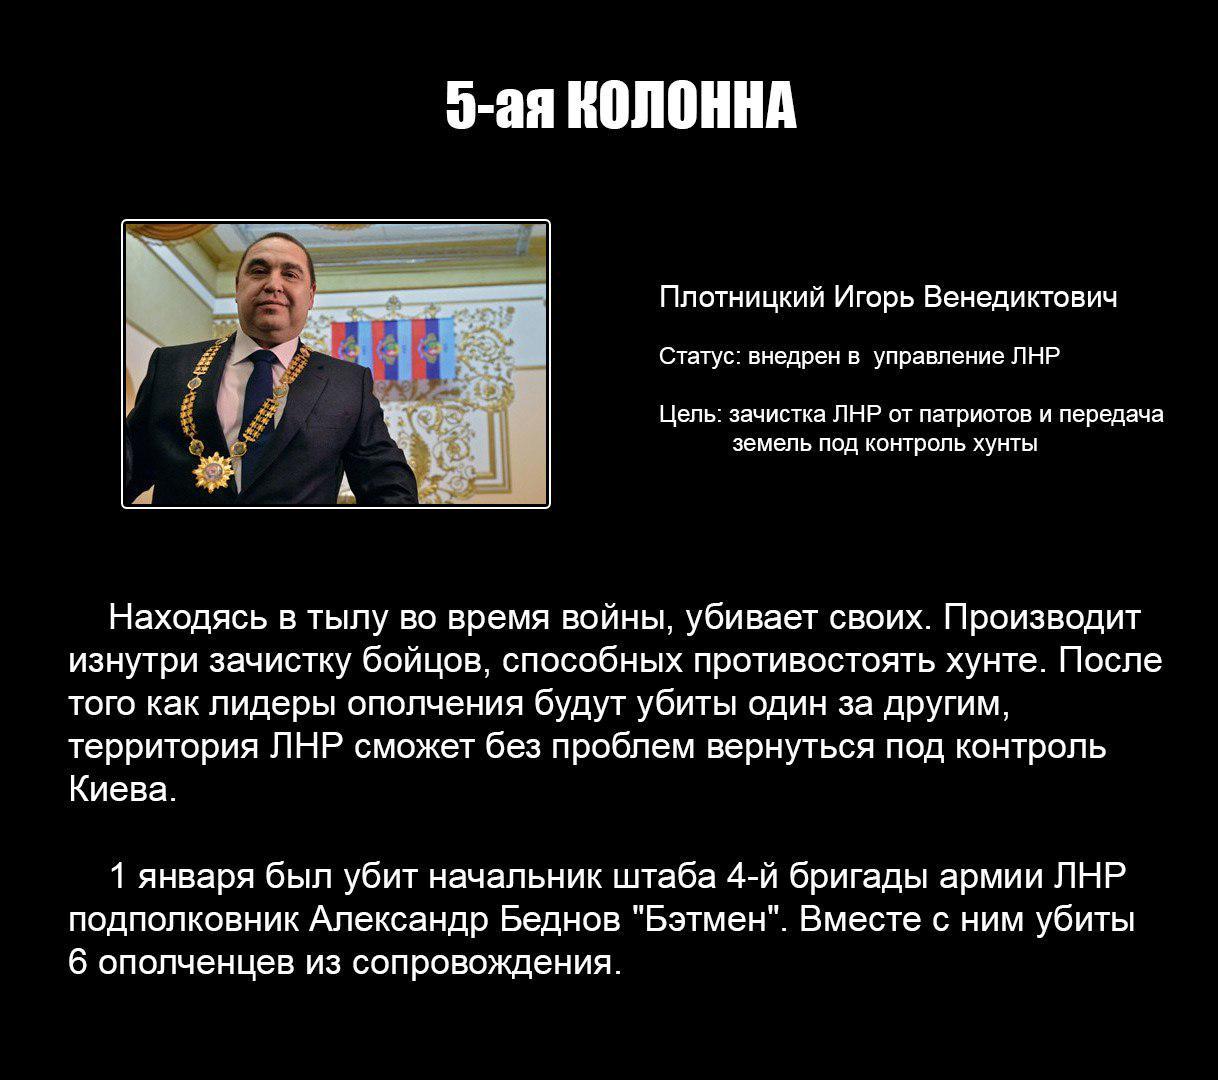 Зубко рассказал о наиболее привлекательных сферах для инвестиций в Украине - Цензор.НЕТ 4045